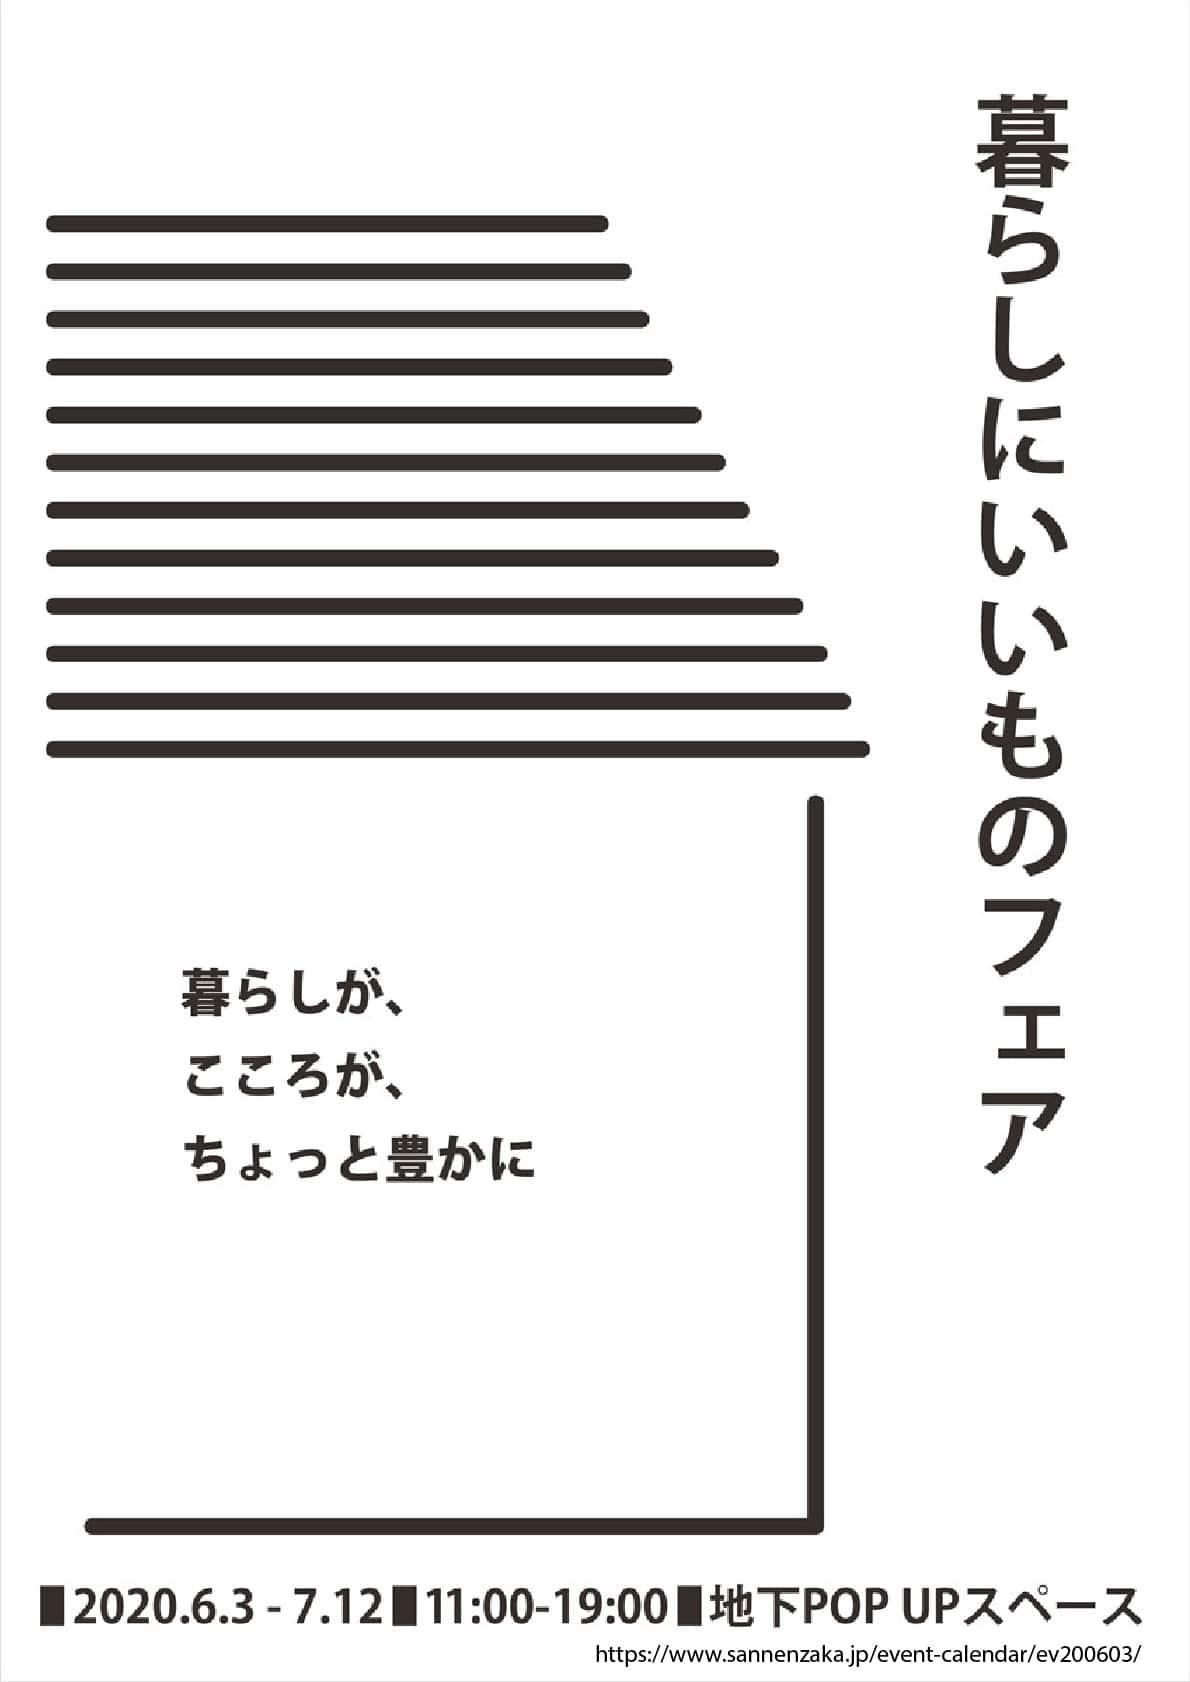 暮らしに良いものフェア in 蔦屋書店 熊本三年坂チラシ1